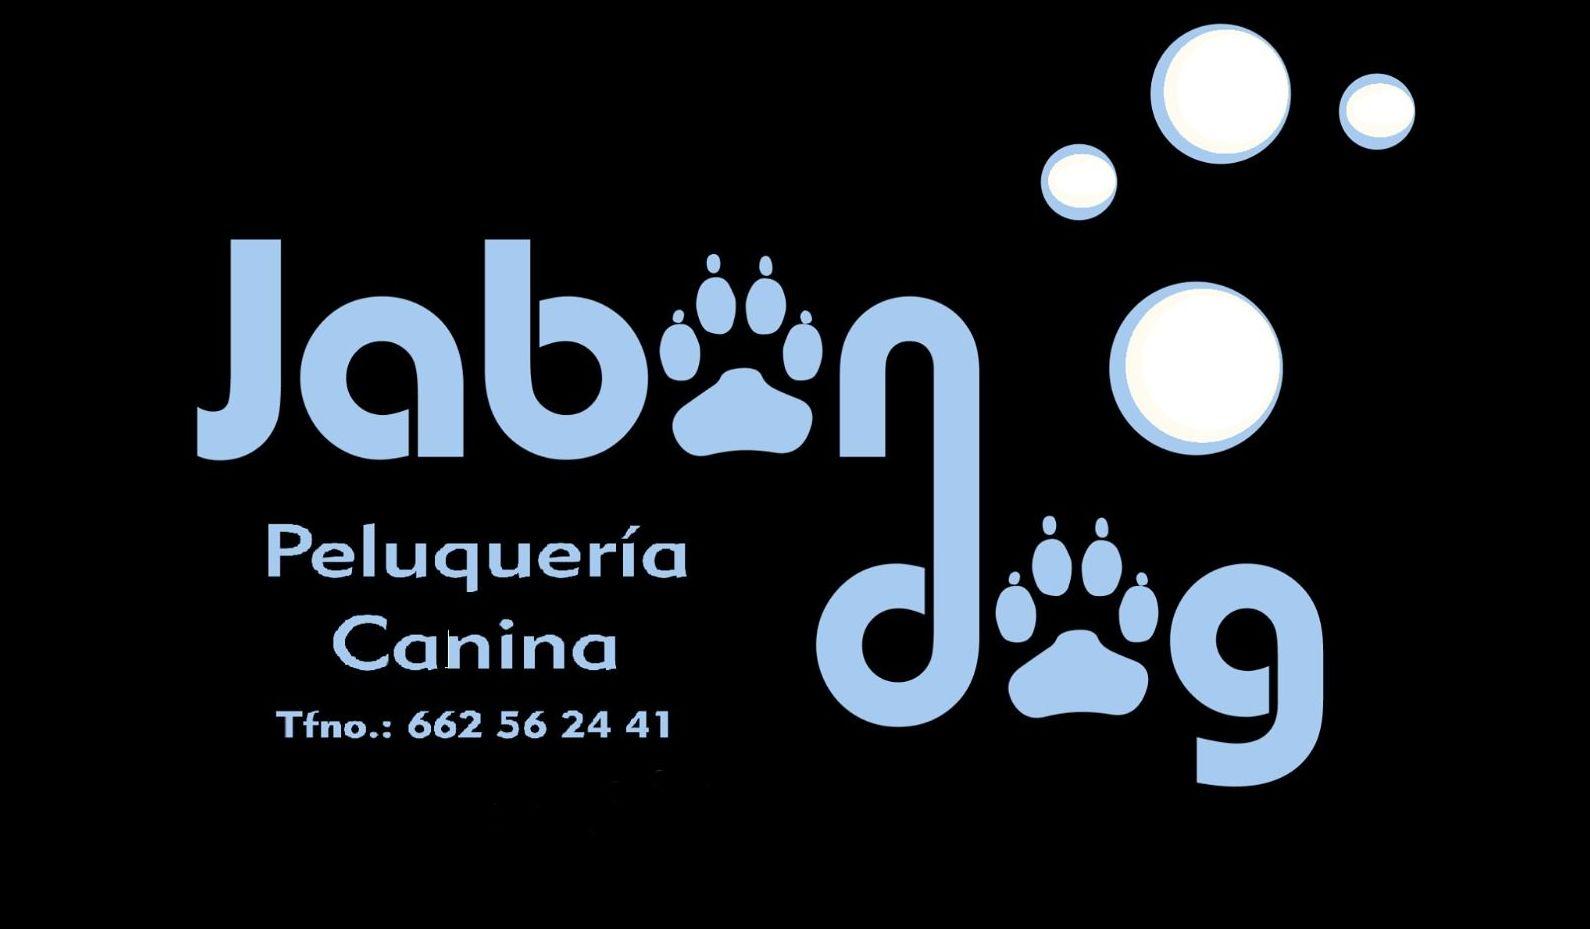 Foto 14 de Venta de accesorios para mascotas en  | Jabondog